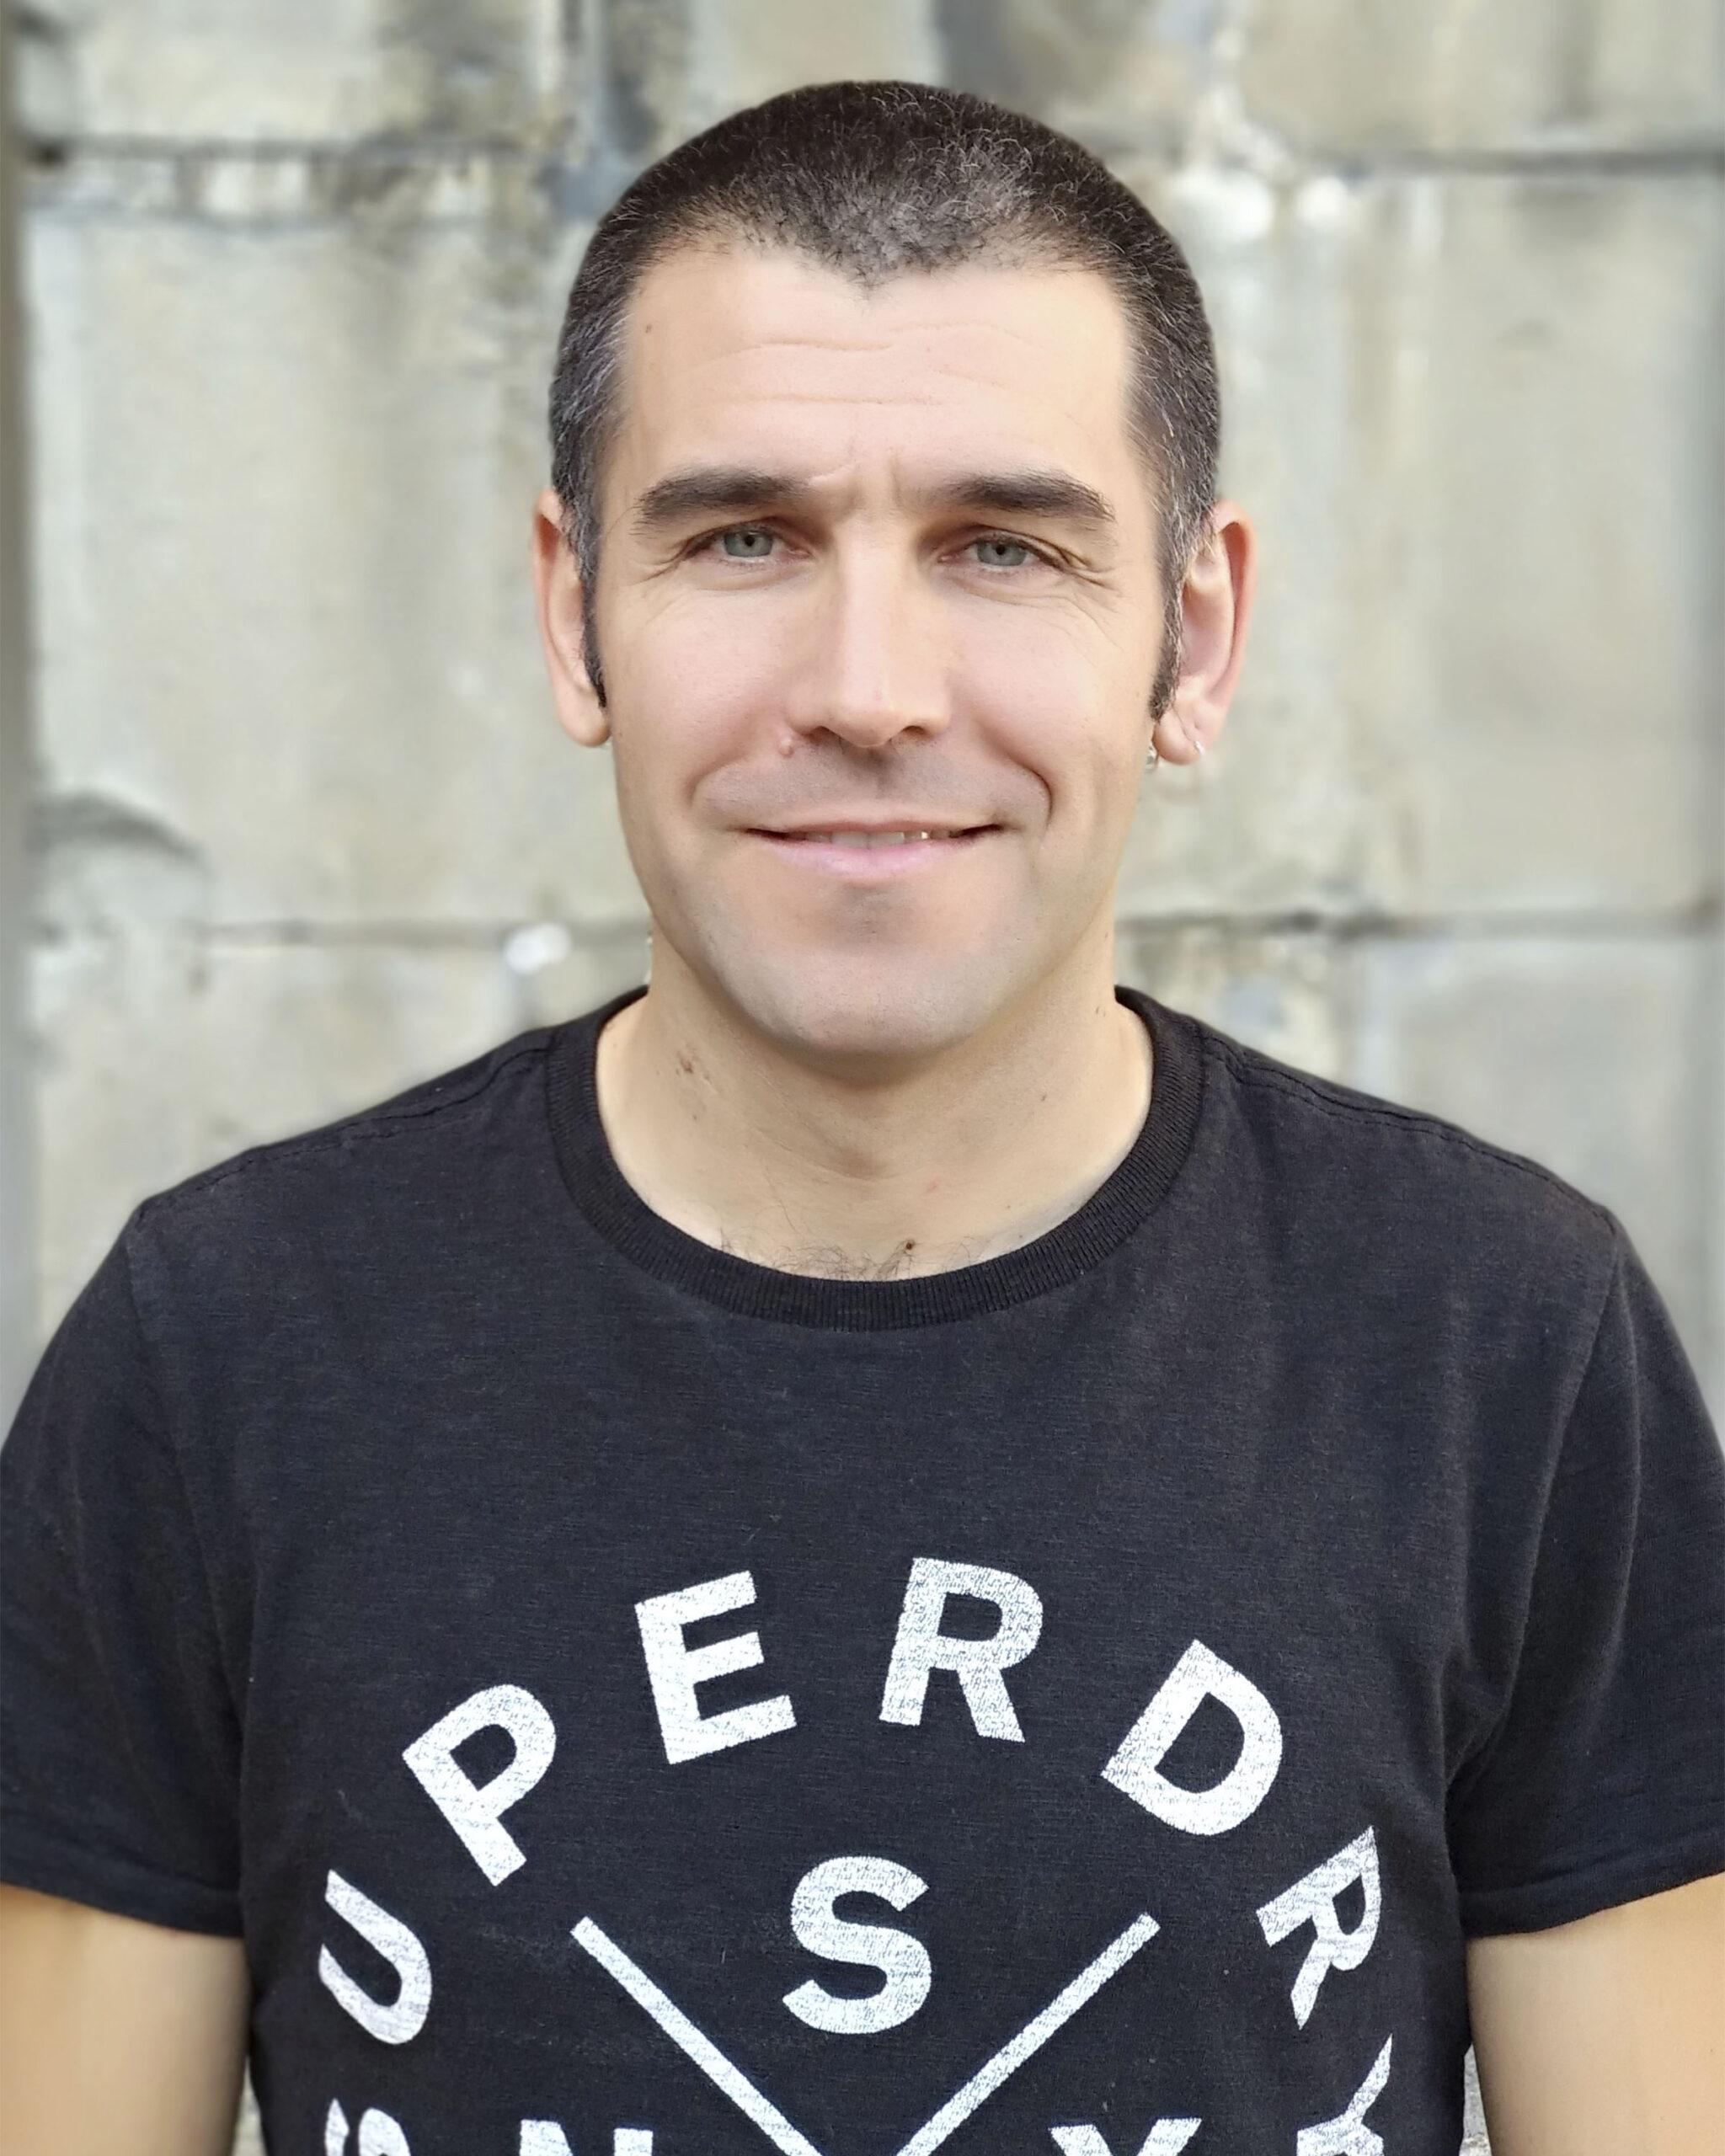 Aitor Perez Bueno